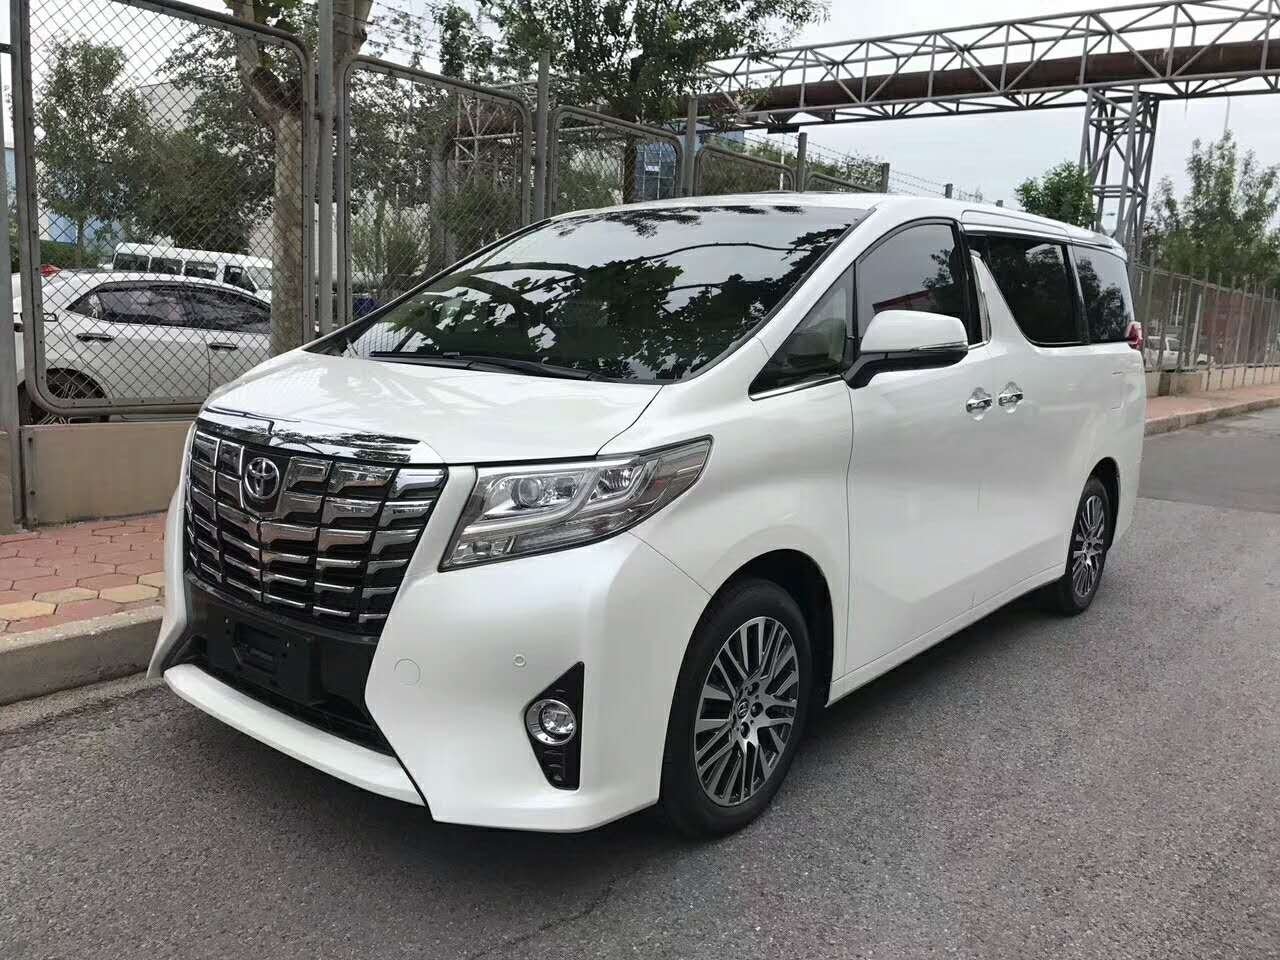 丰田埃尔法3.5L 中规顶级豪华7座商务车